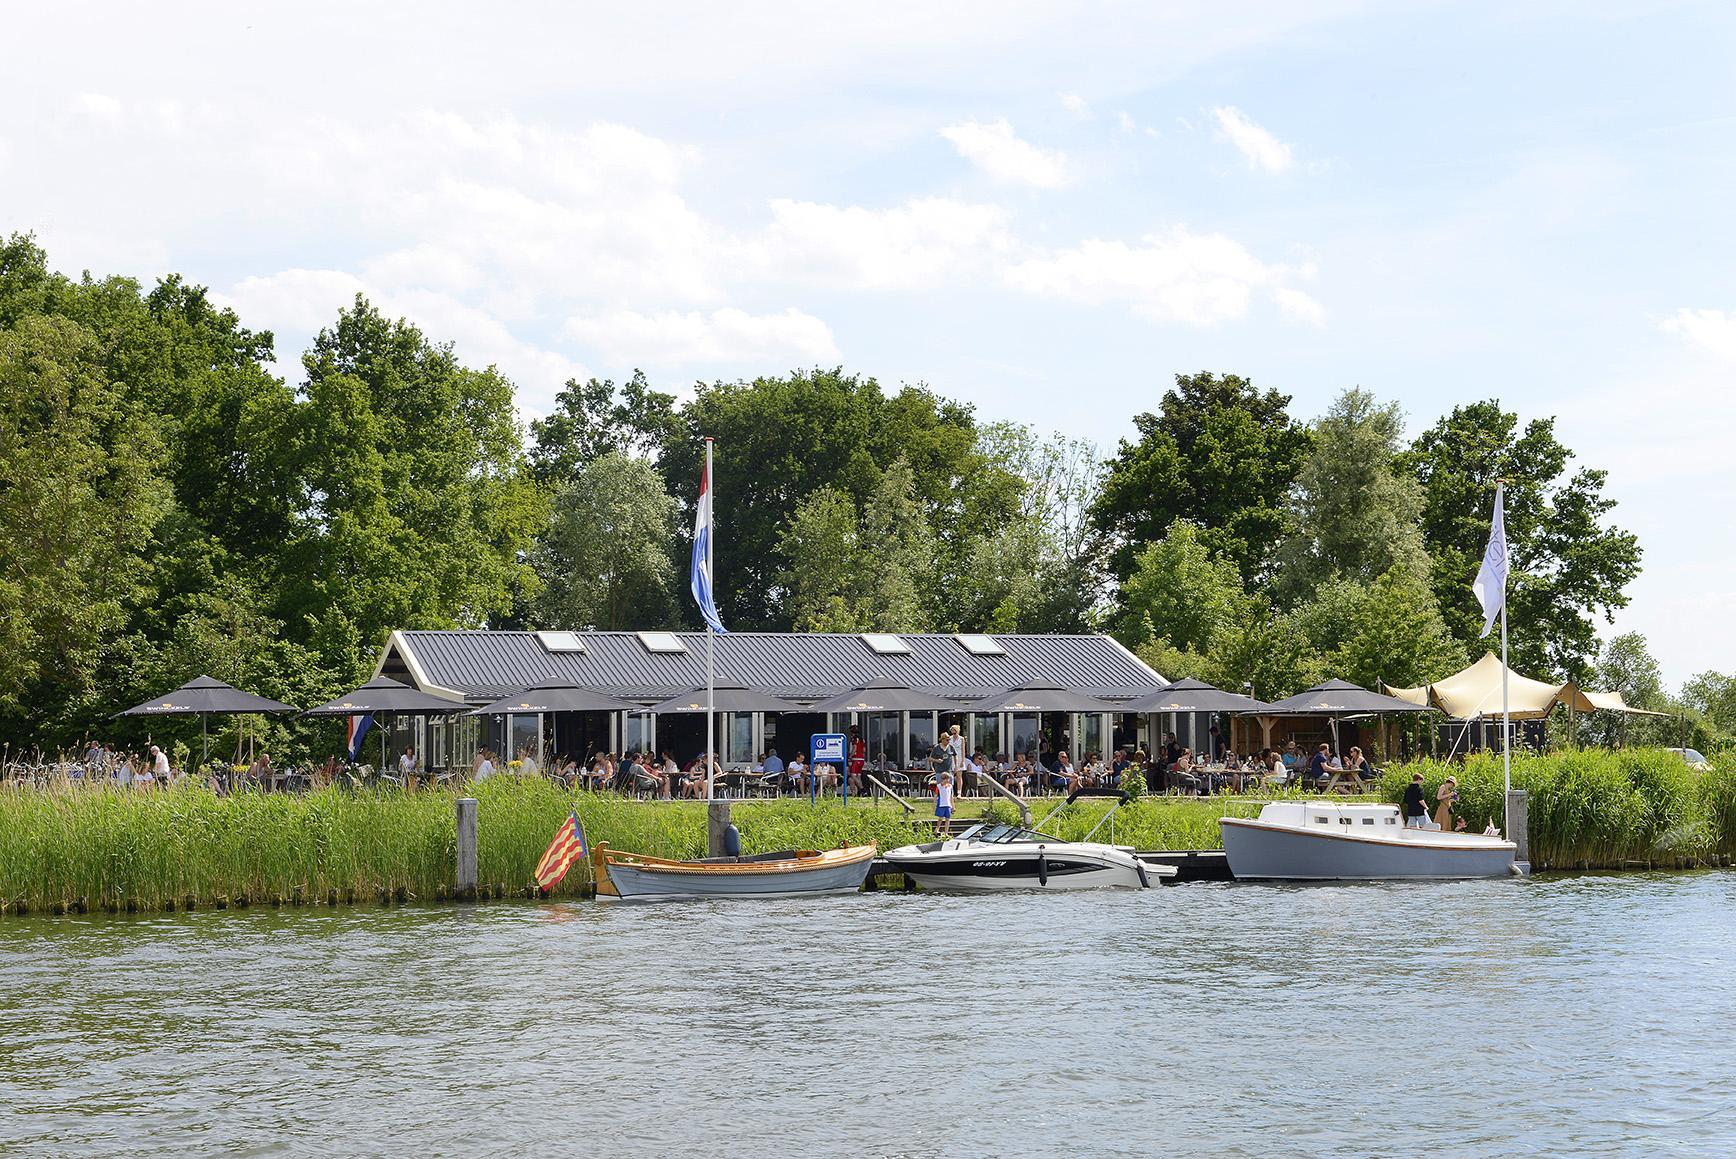 Paviljoen Uit & Meer